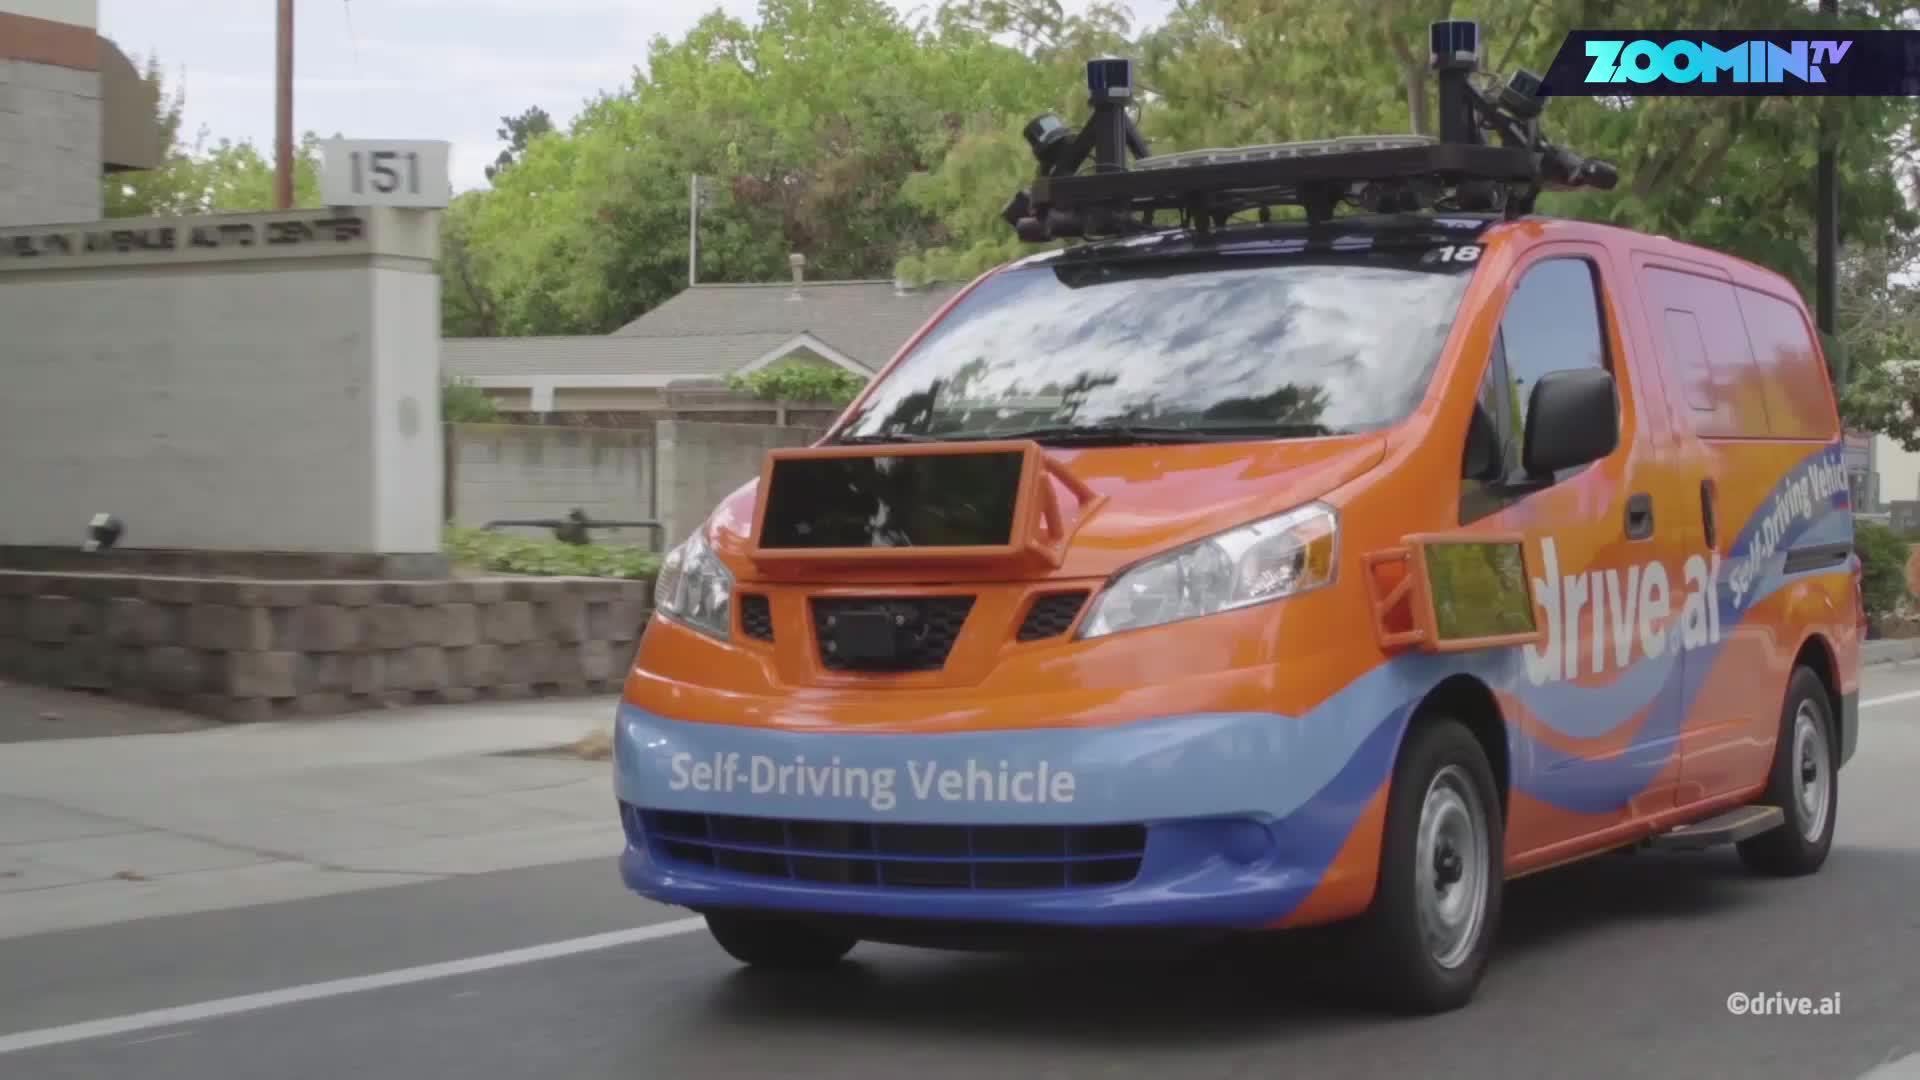 Zoomin, Autos, Selbstfahrendes Auto, Autonomes Auto, Selbstfahrend, autonomes Fahren, Texas, Autonomer Roboter, Autonome Fahrzeuge, Selbstfahrende Autos, Autonomous Driving, Drive.ai